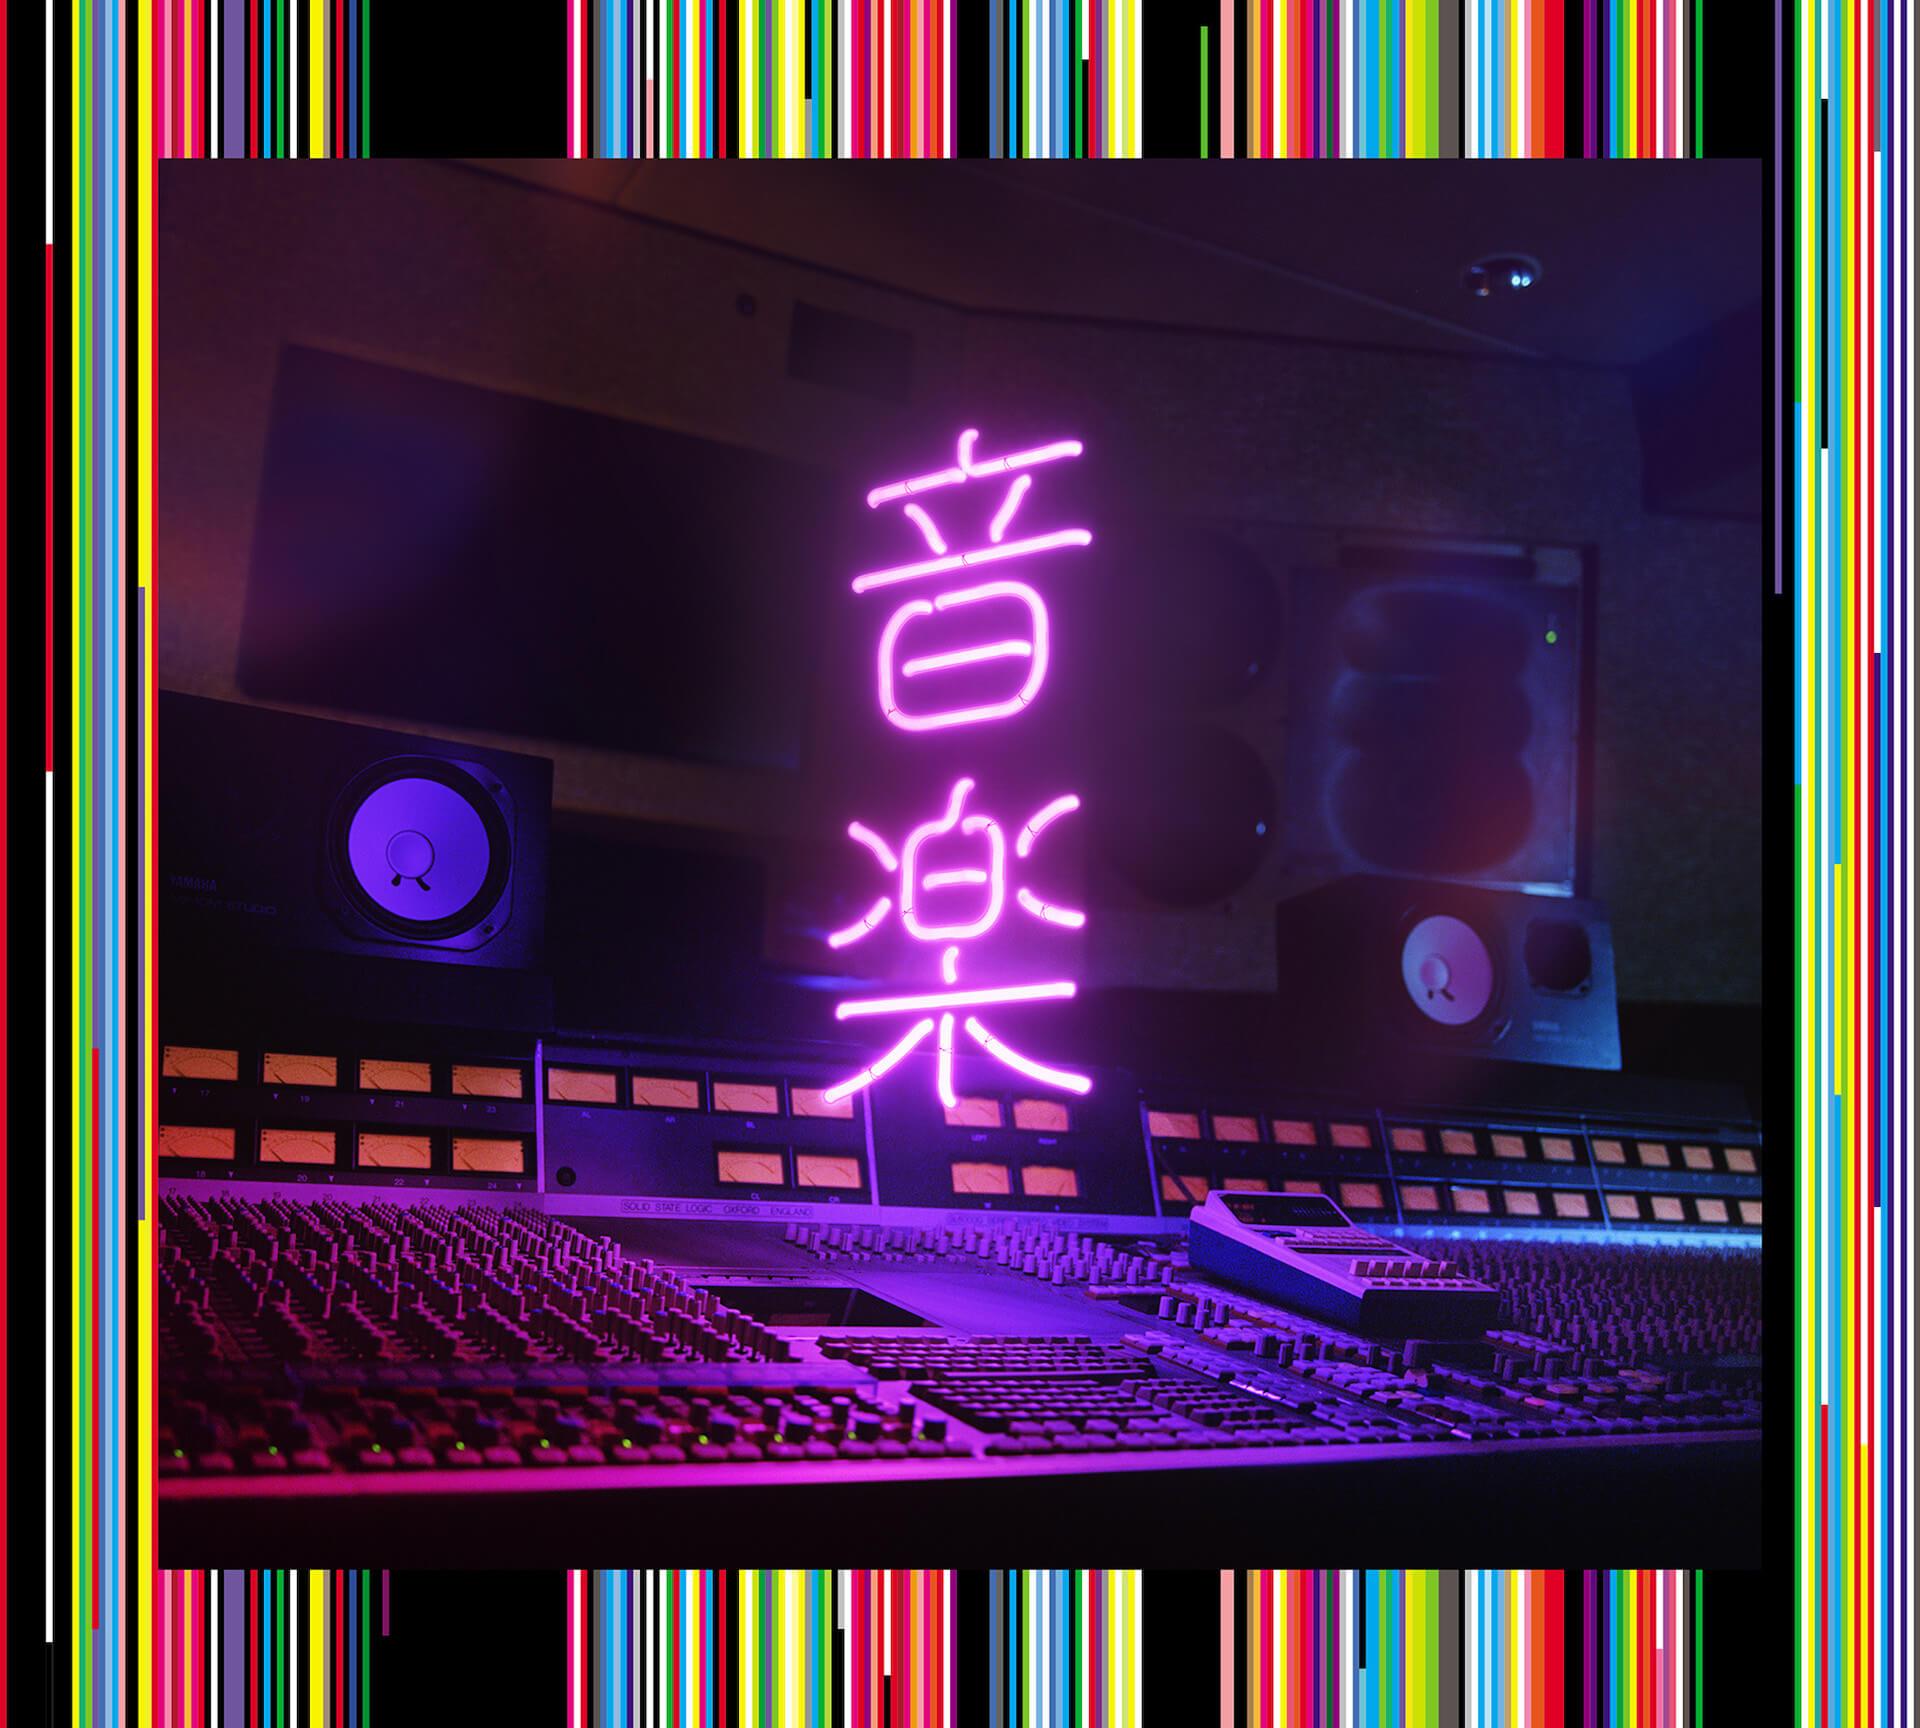 東京事変10年ぶりのフルアルバム『音楽』のリリースを発表!新アー写&ジャケットアートワークも公開 music210423_tokyoincident_2